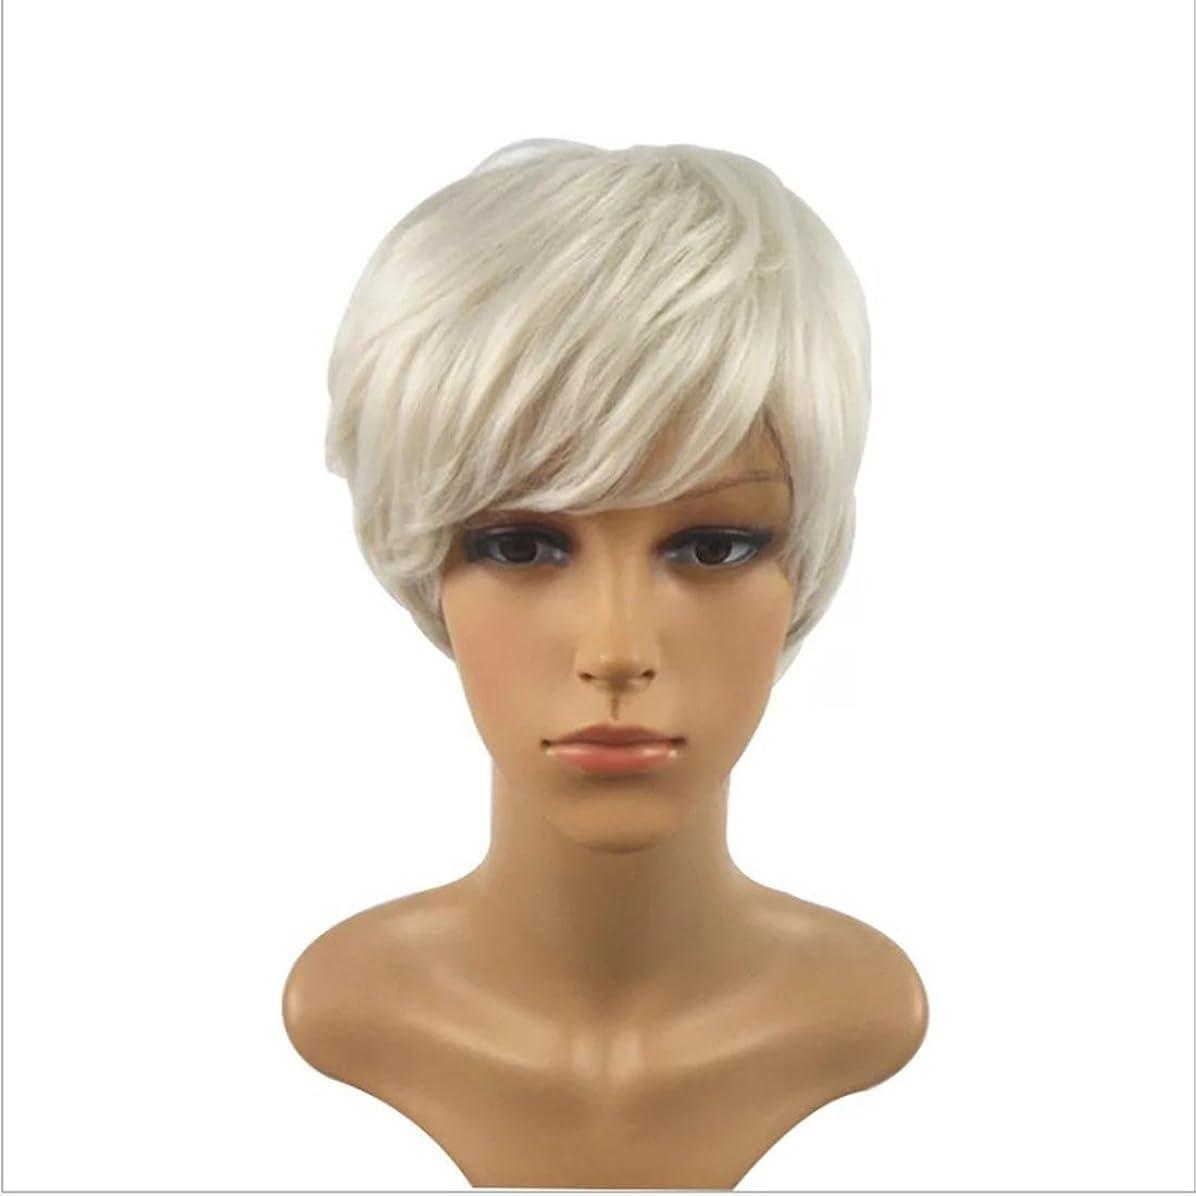 牽引パッチヶ月目JIANFU 女性のための魅力的な女性の毛のかつらフラットバンズウィッグショートストレートウィッグパーティー、コスプレのための短いストレートウィッグを見て自然な (Color : ブラック)